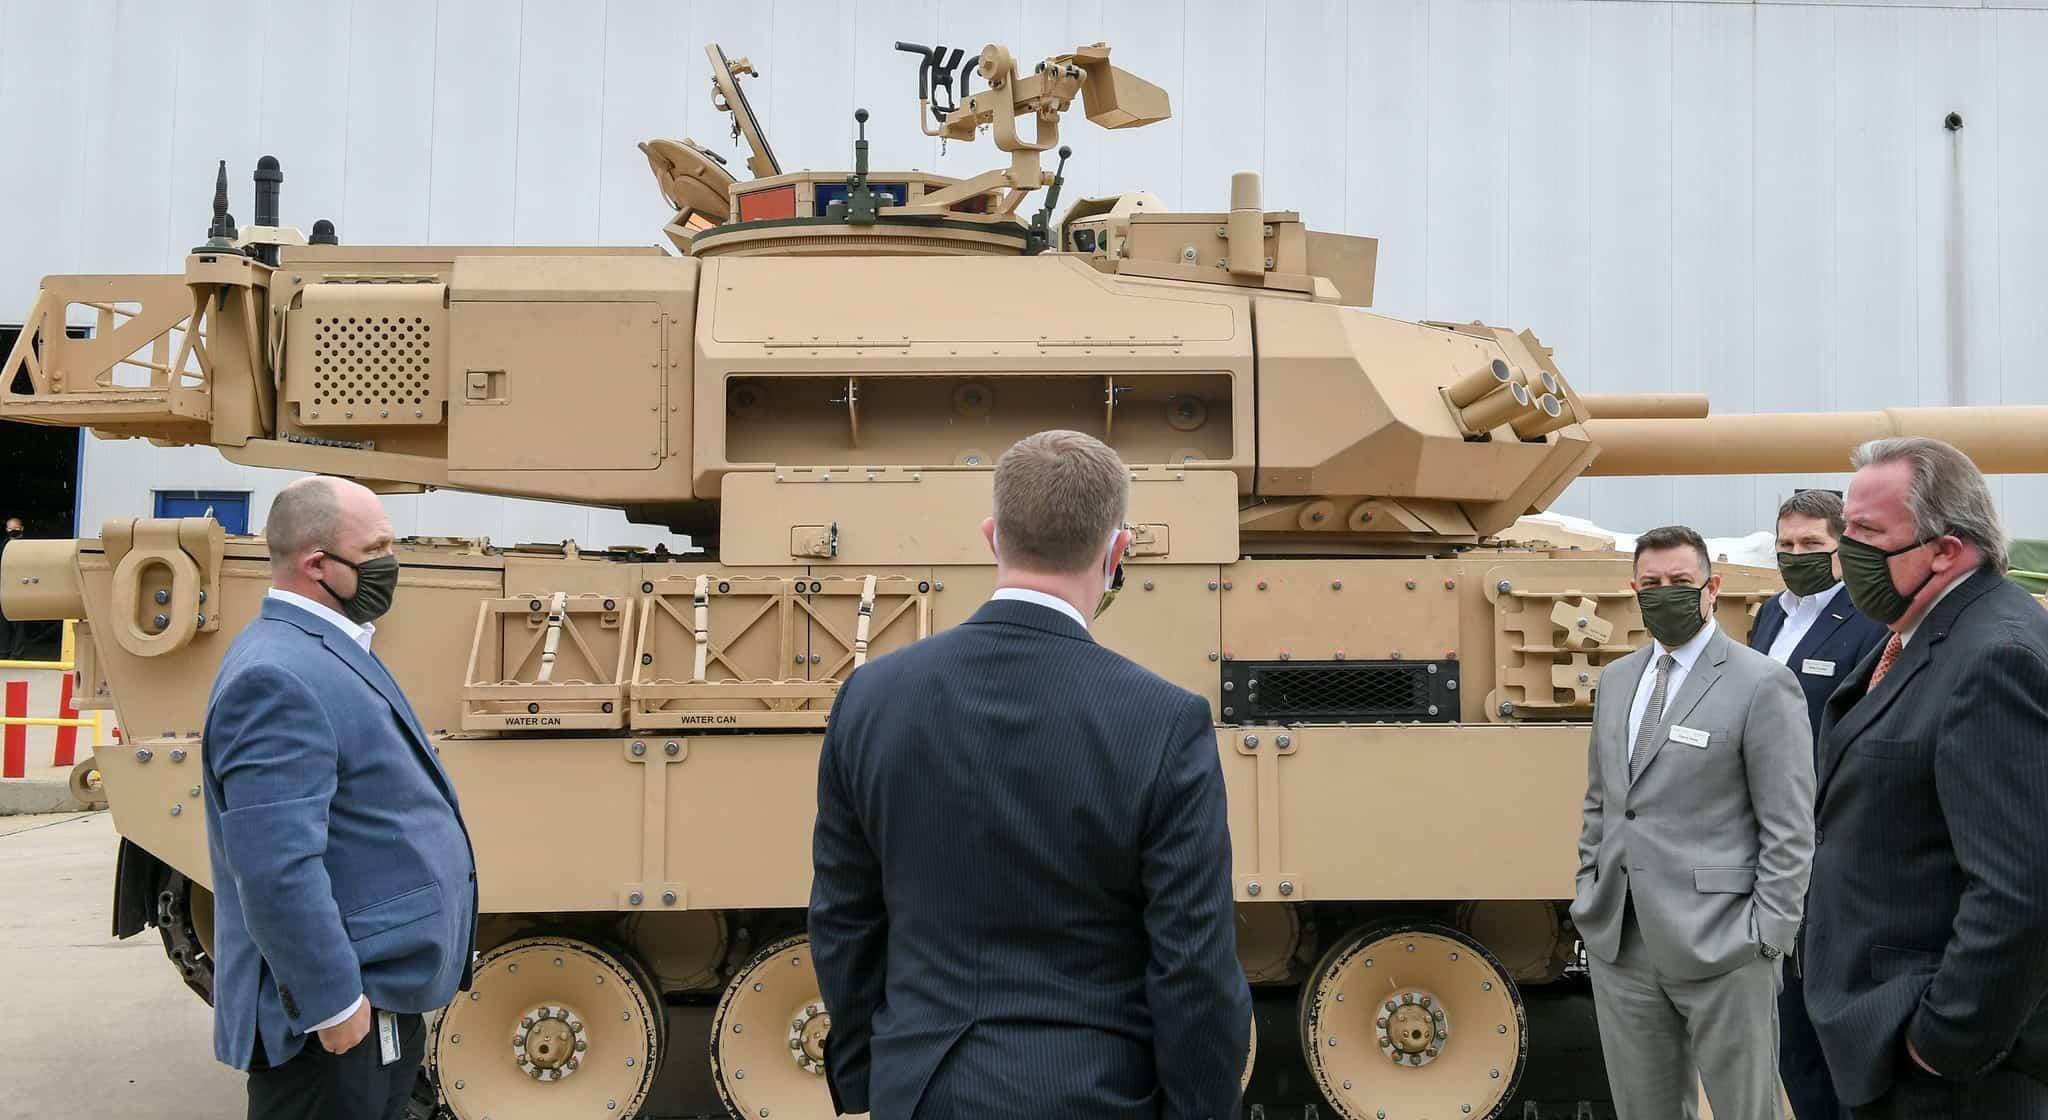 Для армії США готують легкі танки. Фото: Представники армії США на підприємстві General Dynamics